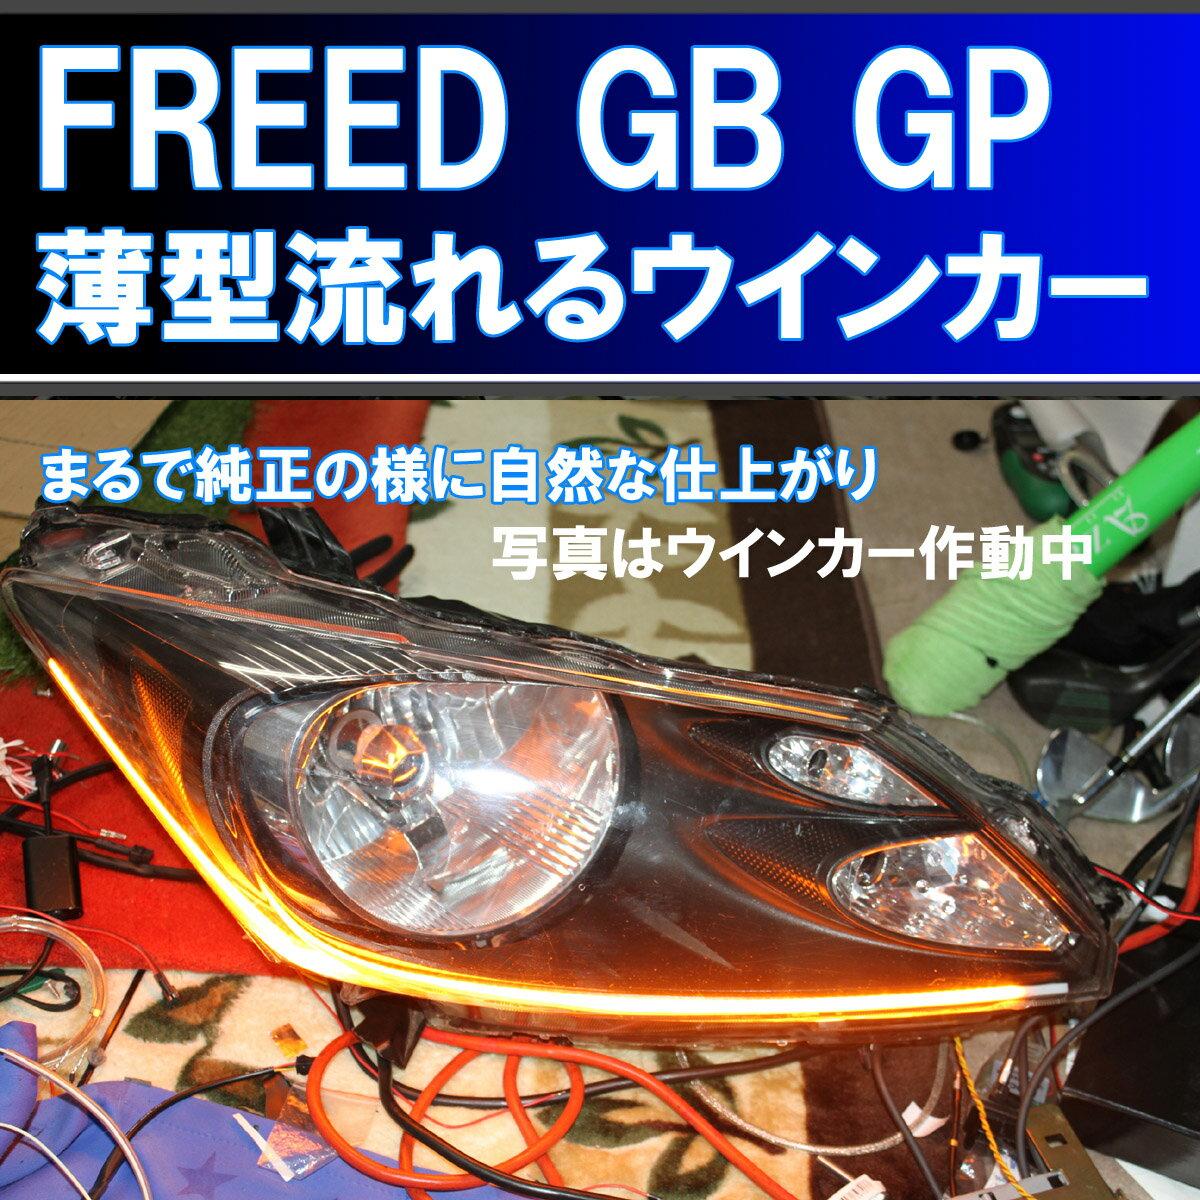 ライト・ランプ, ヘッドライト  GB3 GB4 GP3 FREED